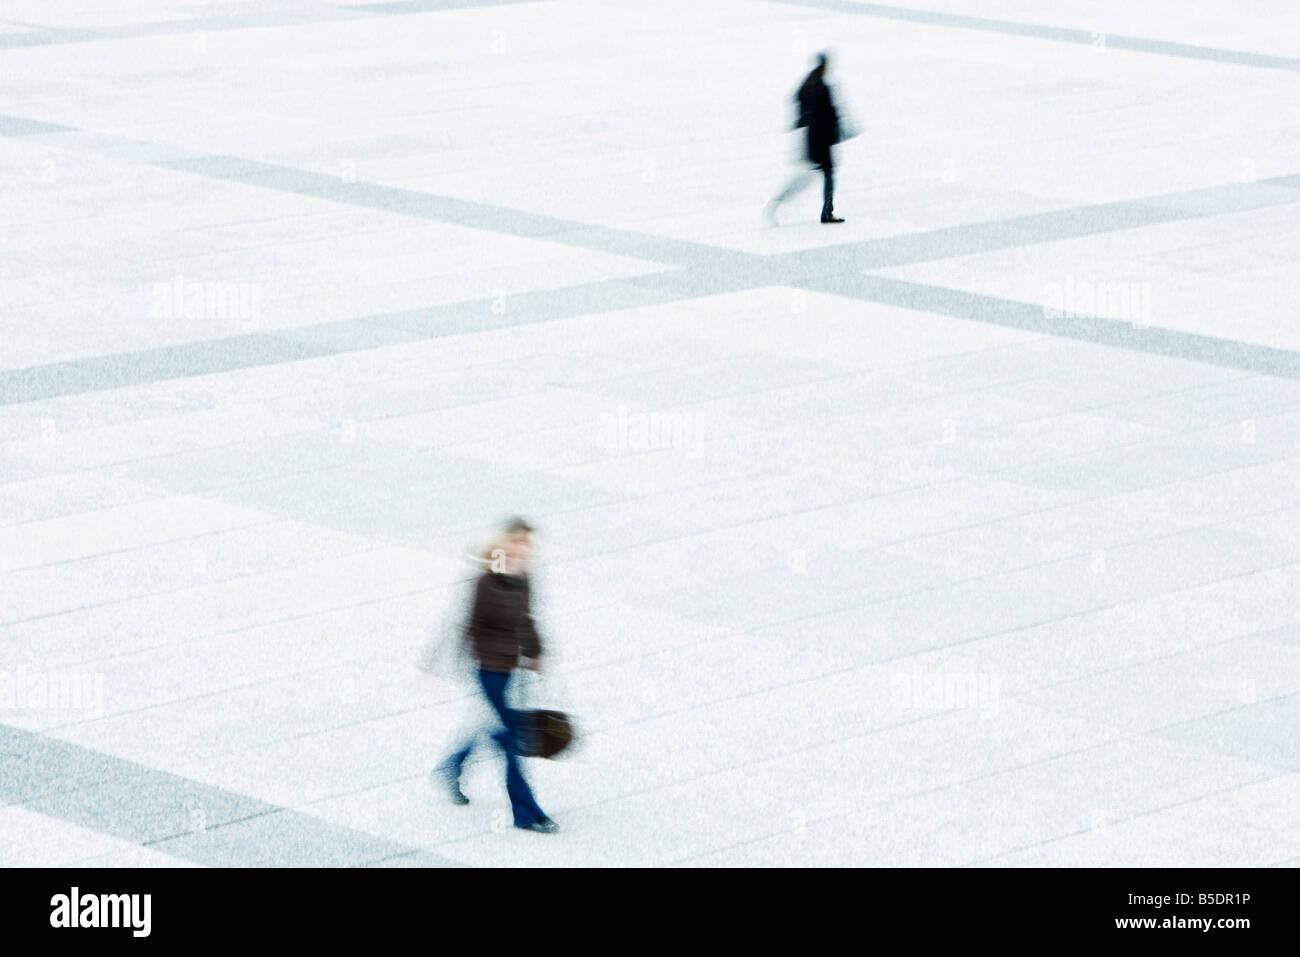 Pedestrians crossing public square - Stock Image